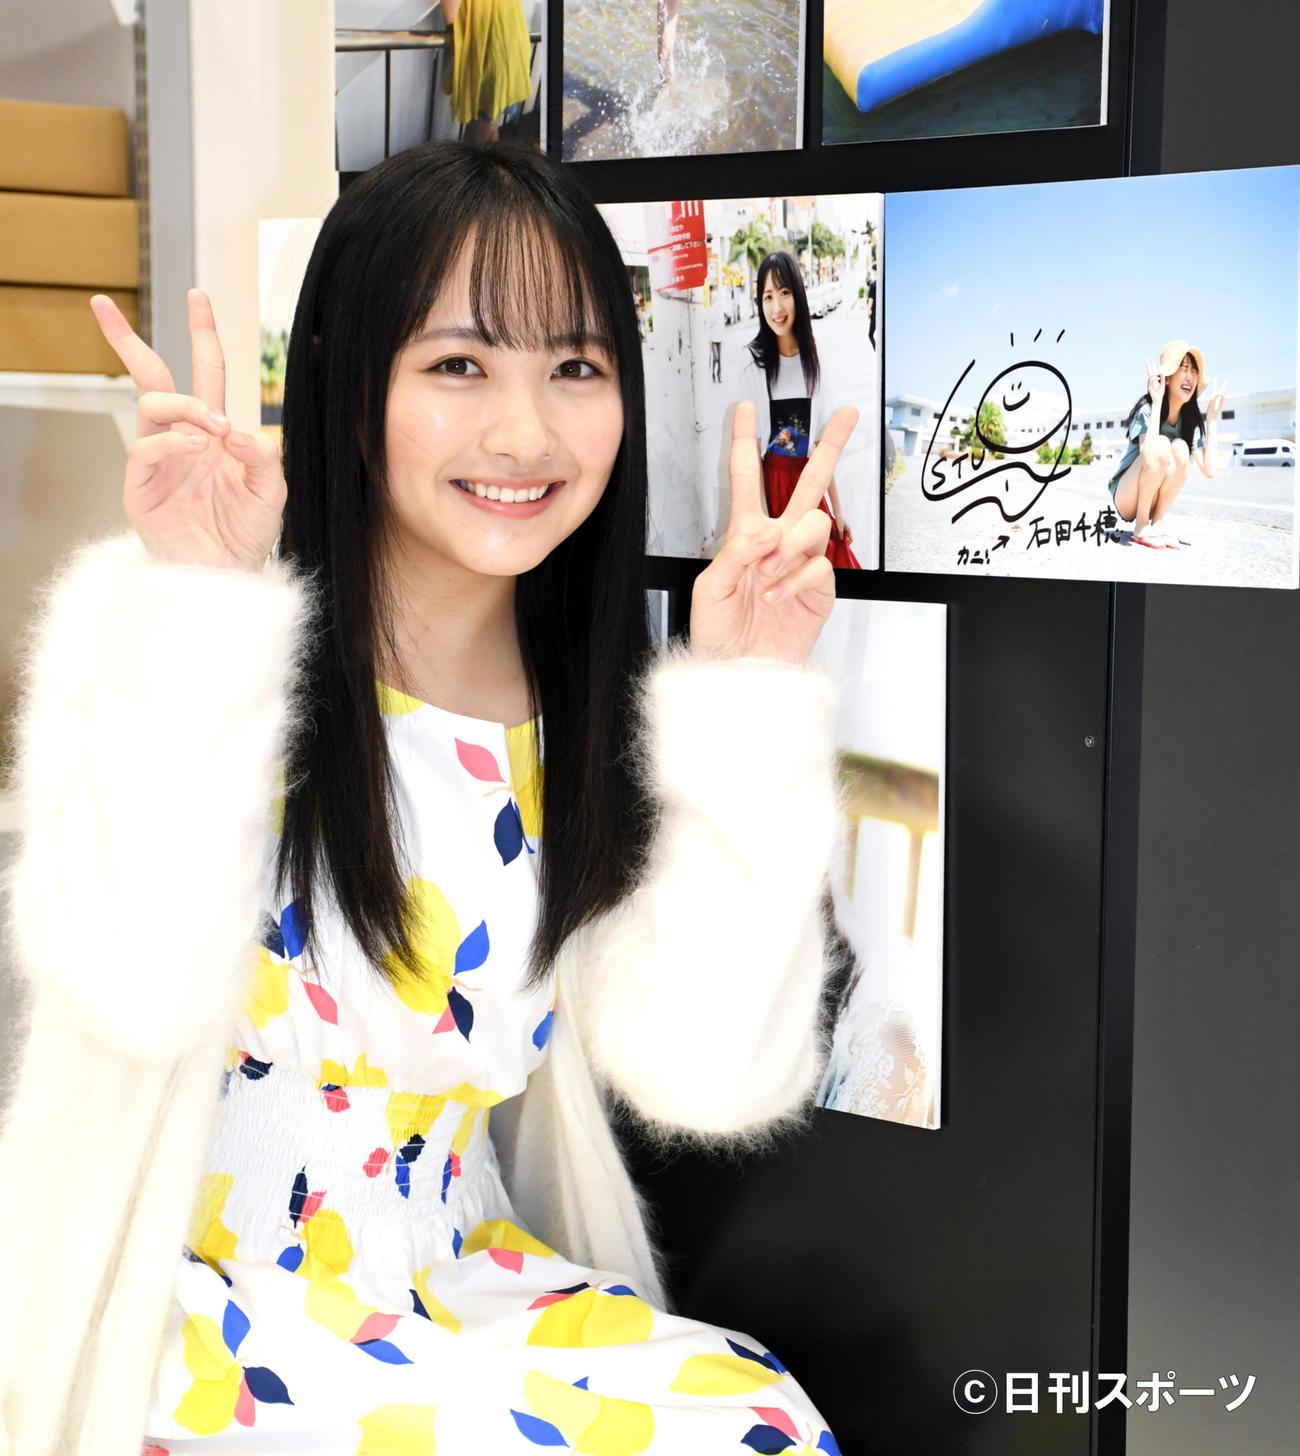 初の写真集「檸檬の季節」発売イベントで展示されるパネルにサインして笑顔のSTU48石田千穂(撮影・大友陽平)